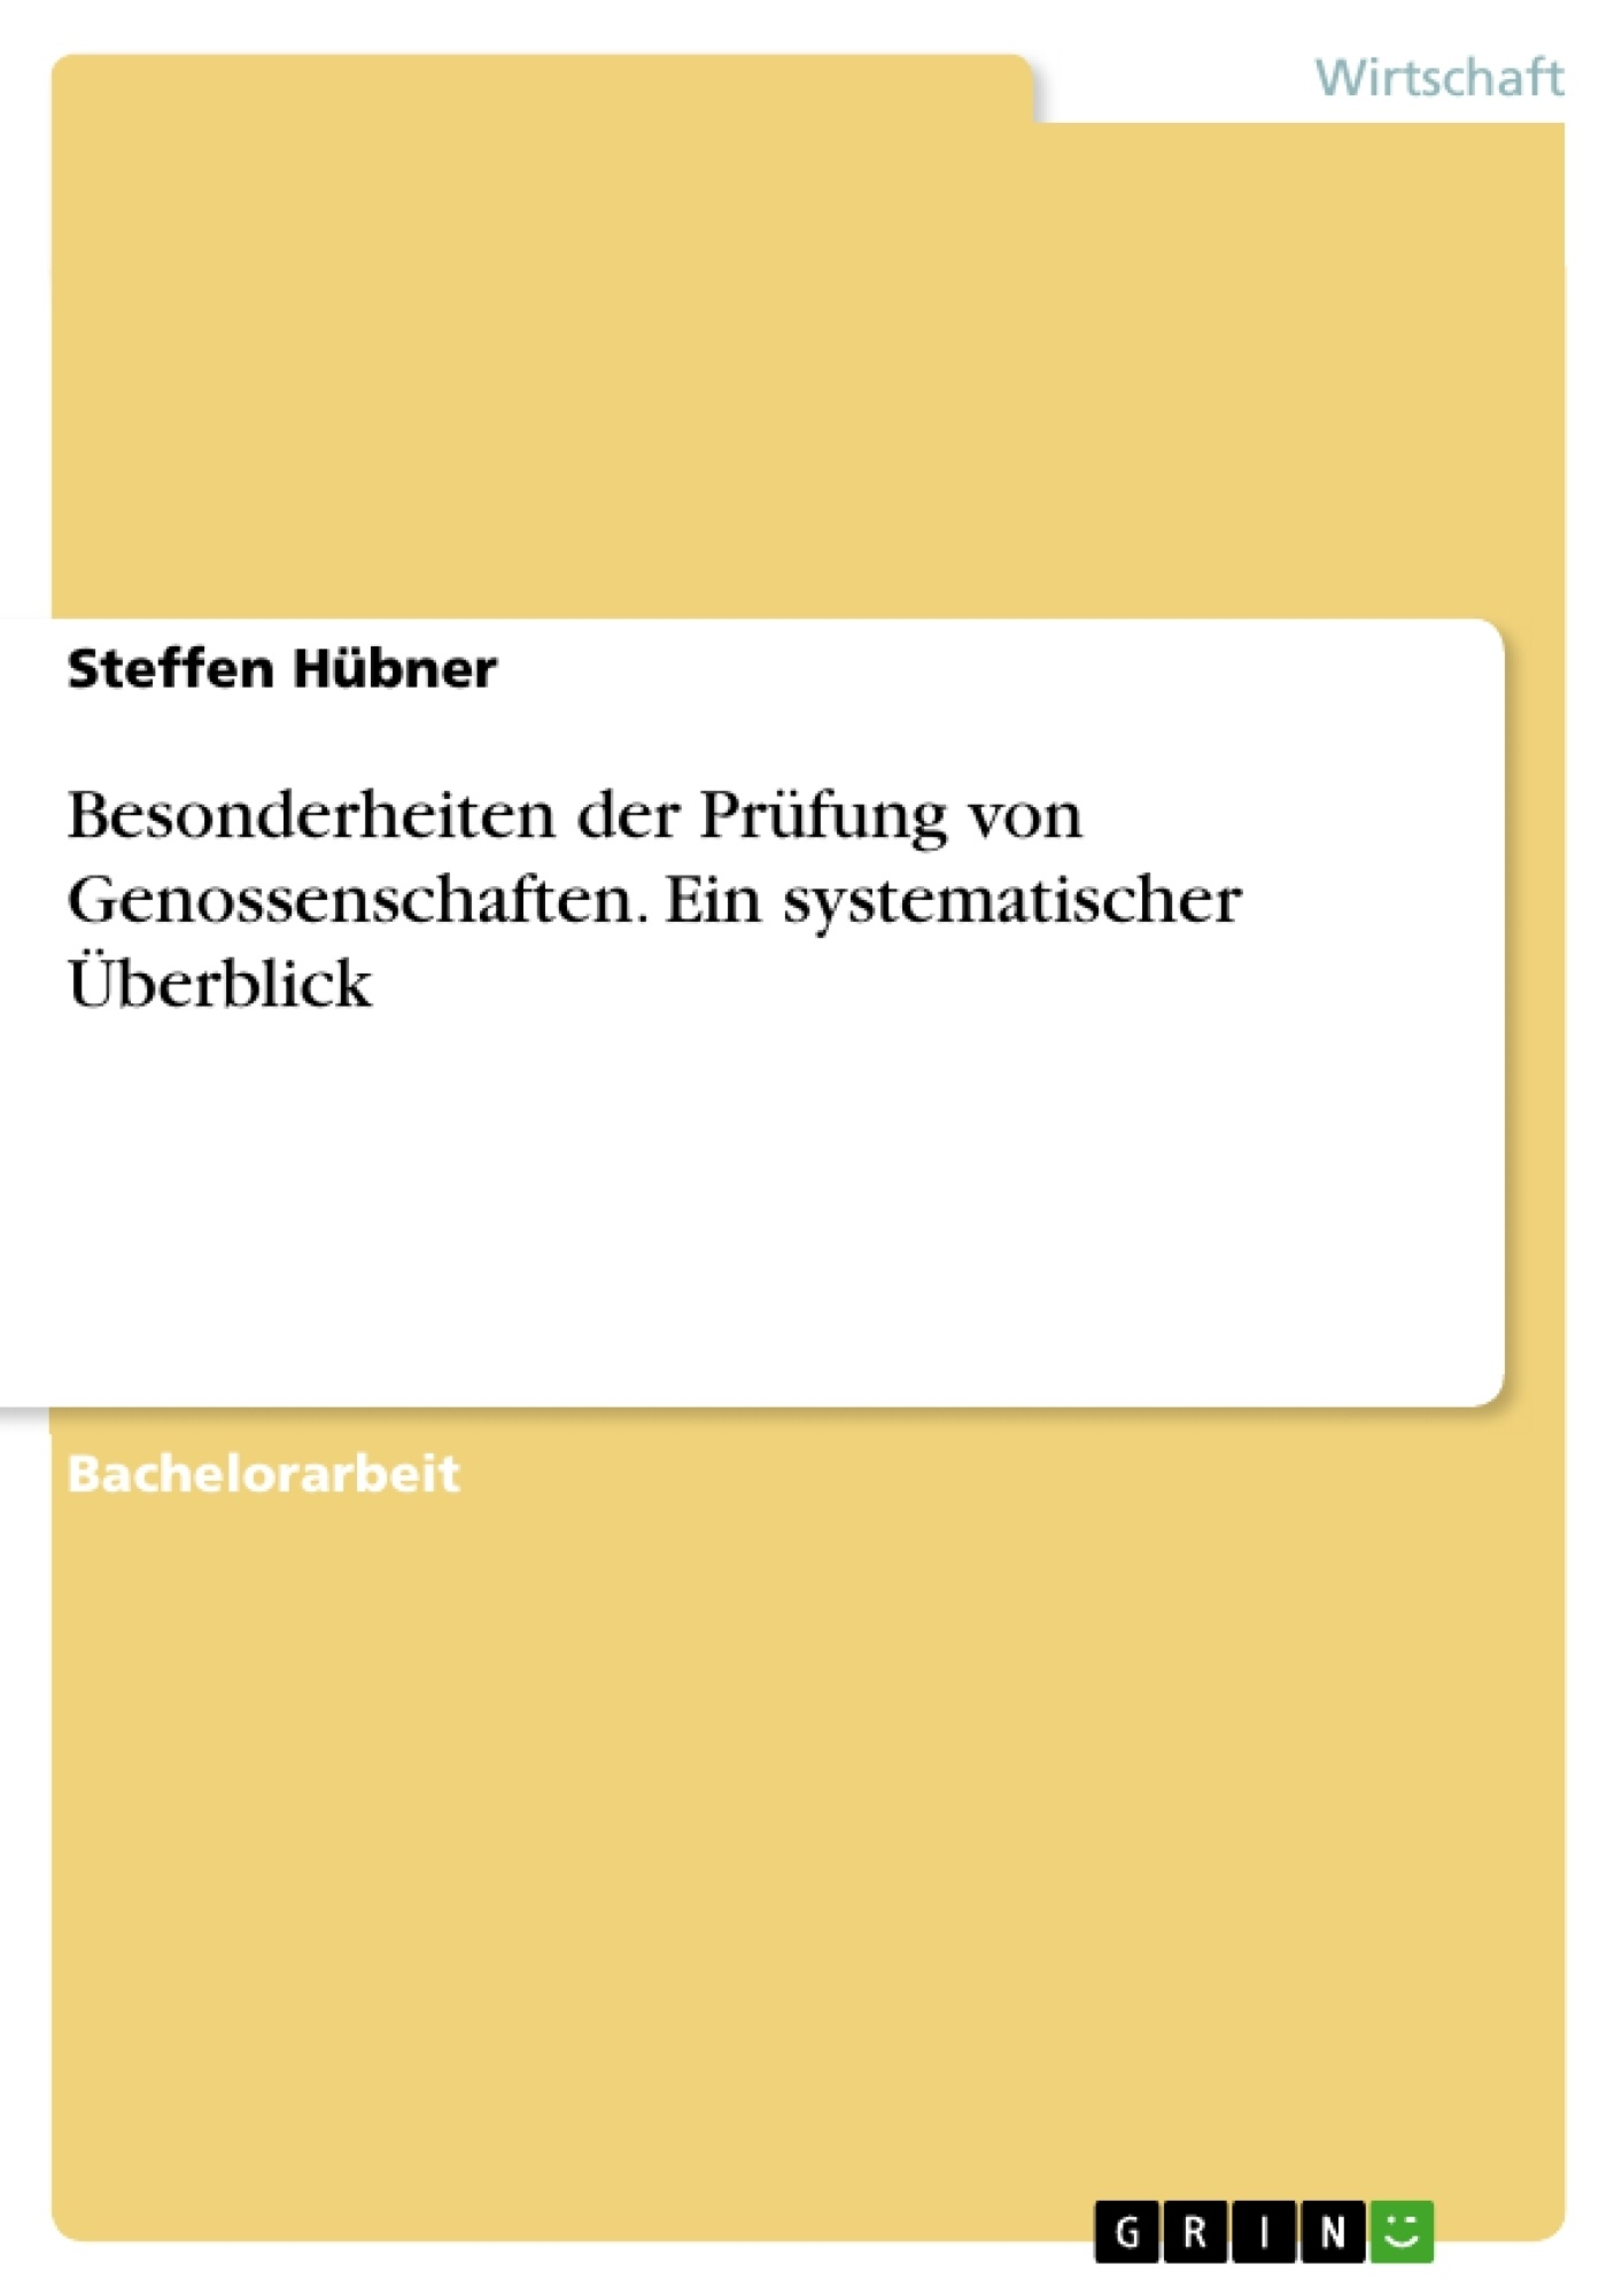 Titel: Besonderheiten der Prüfung von Genossenschaften. Ein systematischer Überblick